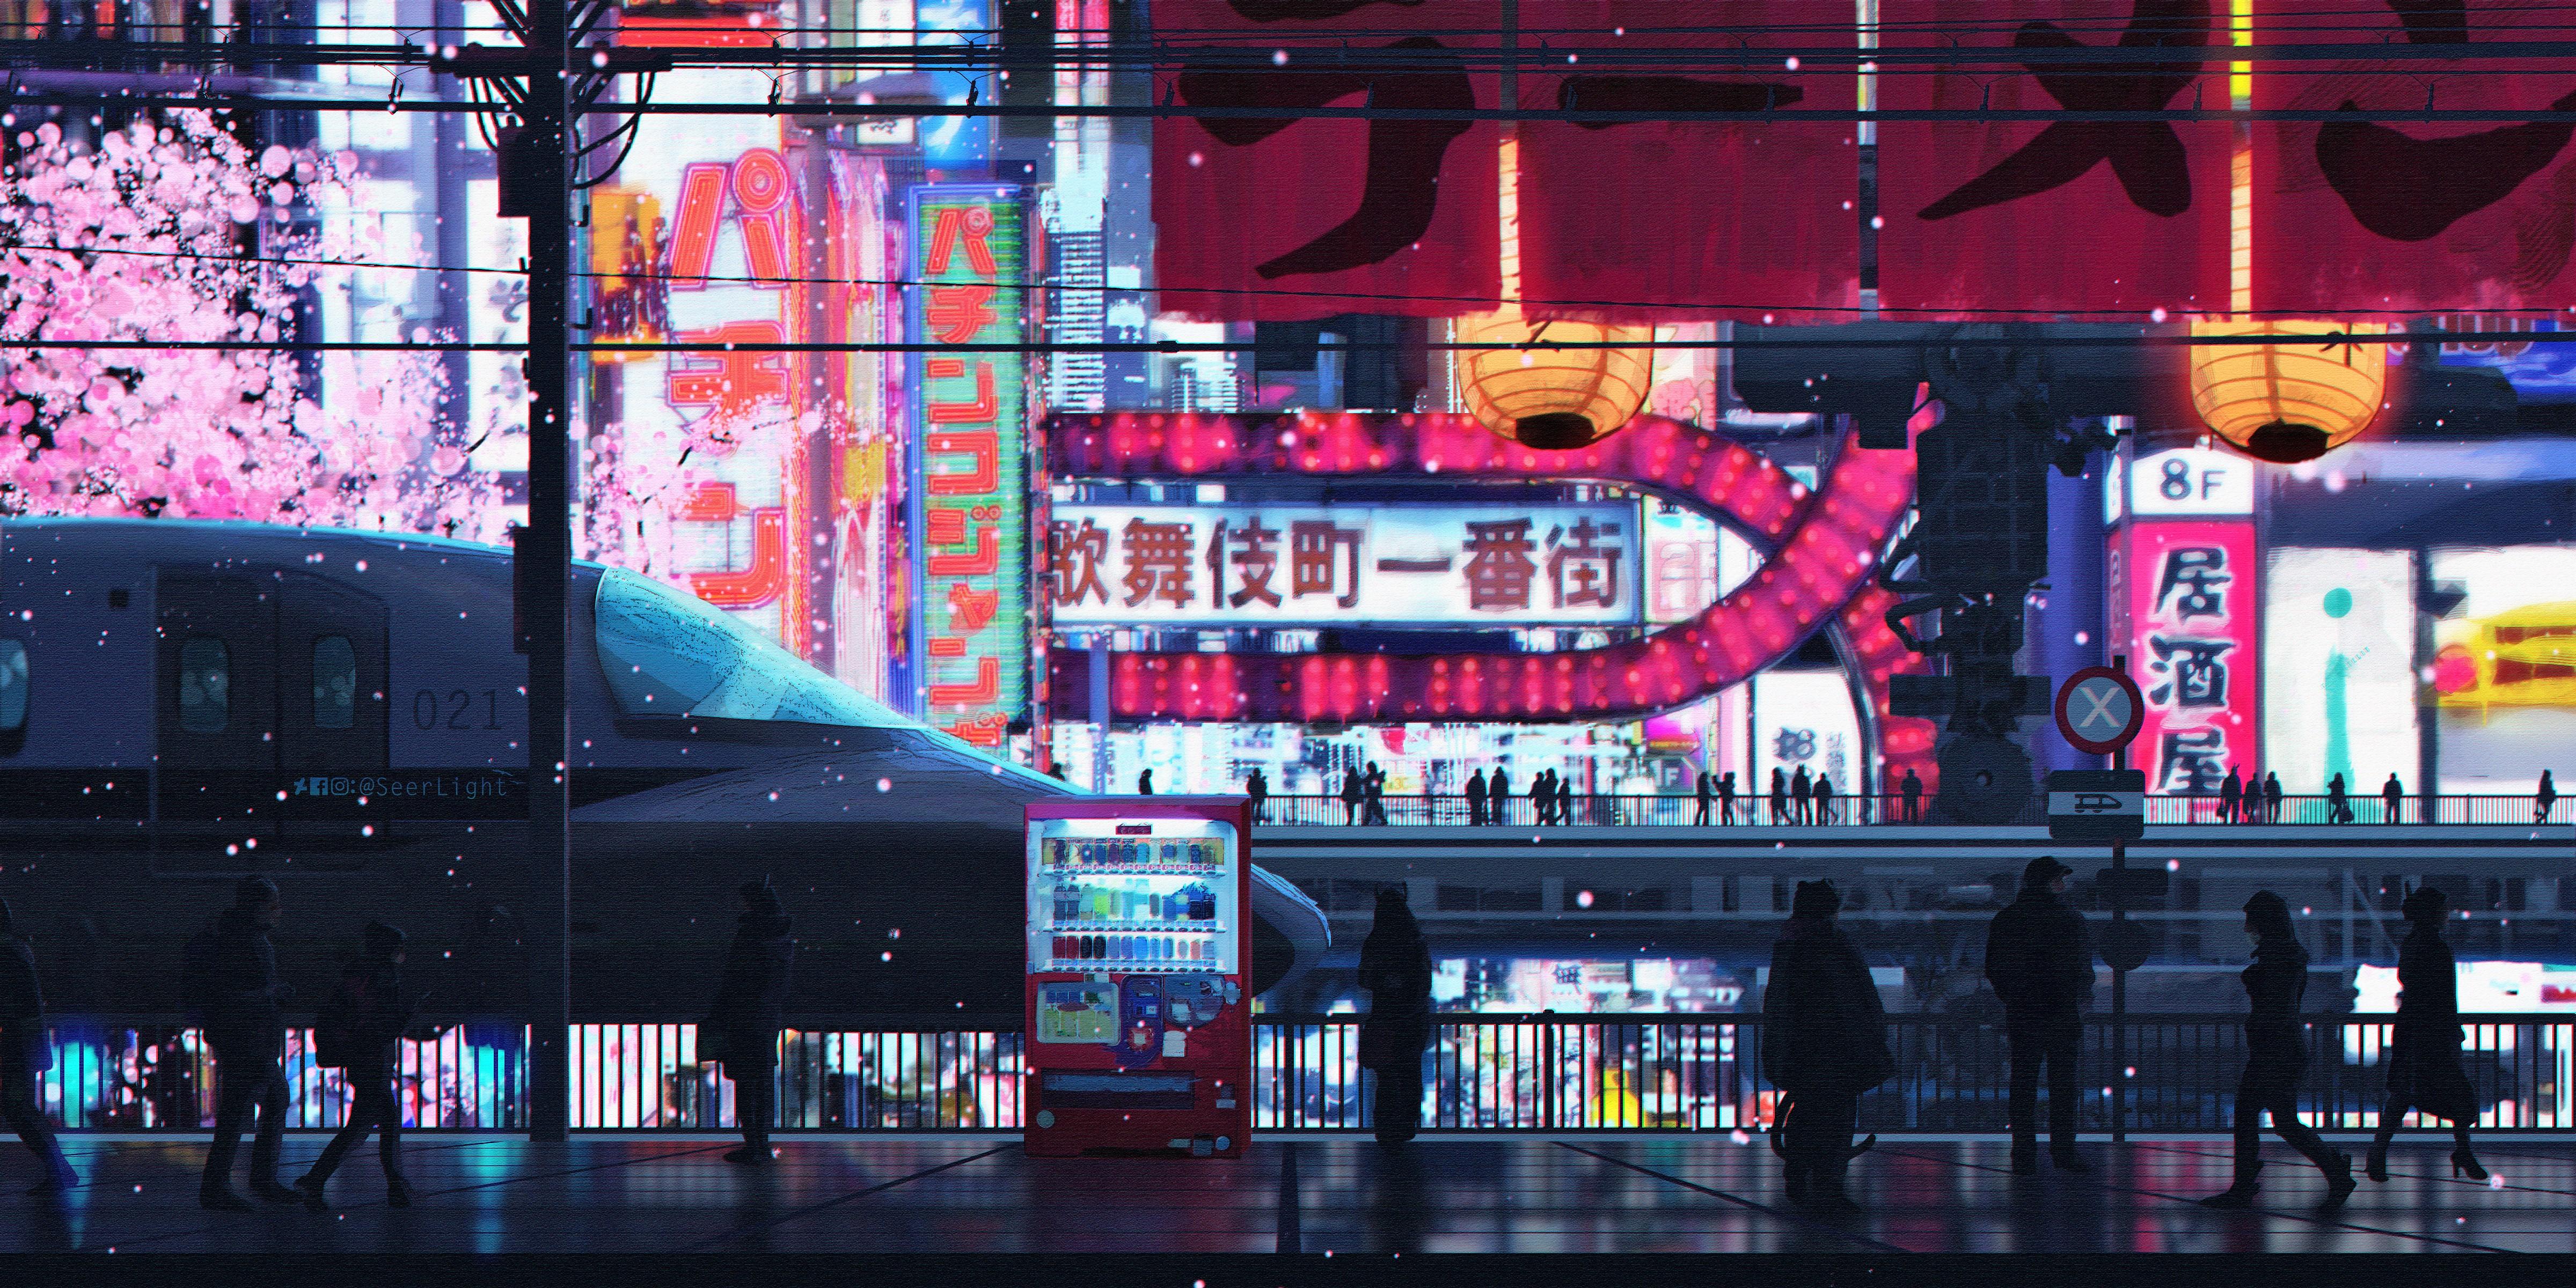 Cyberpunk City Streets 5k HD Artist 4k Wallpapers